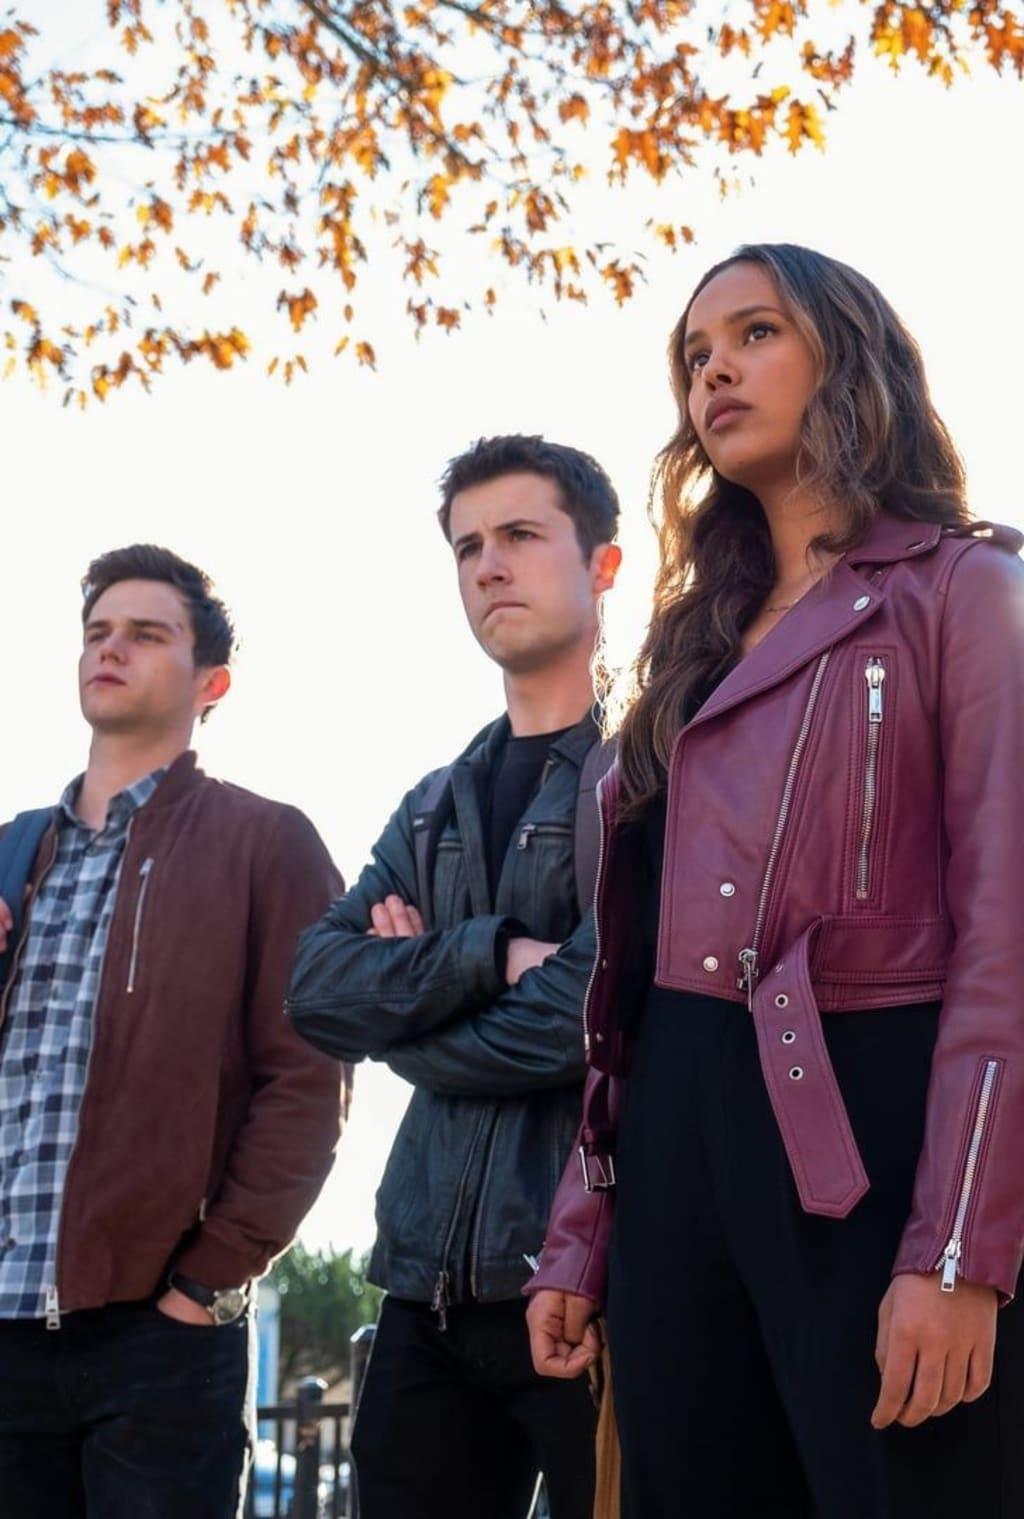 13 reasons why season 4 recap